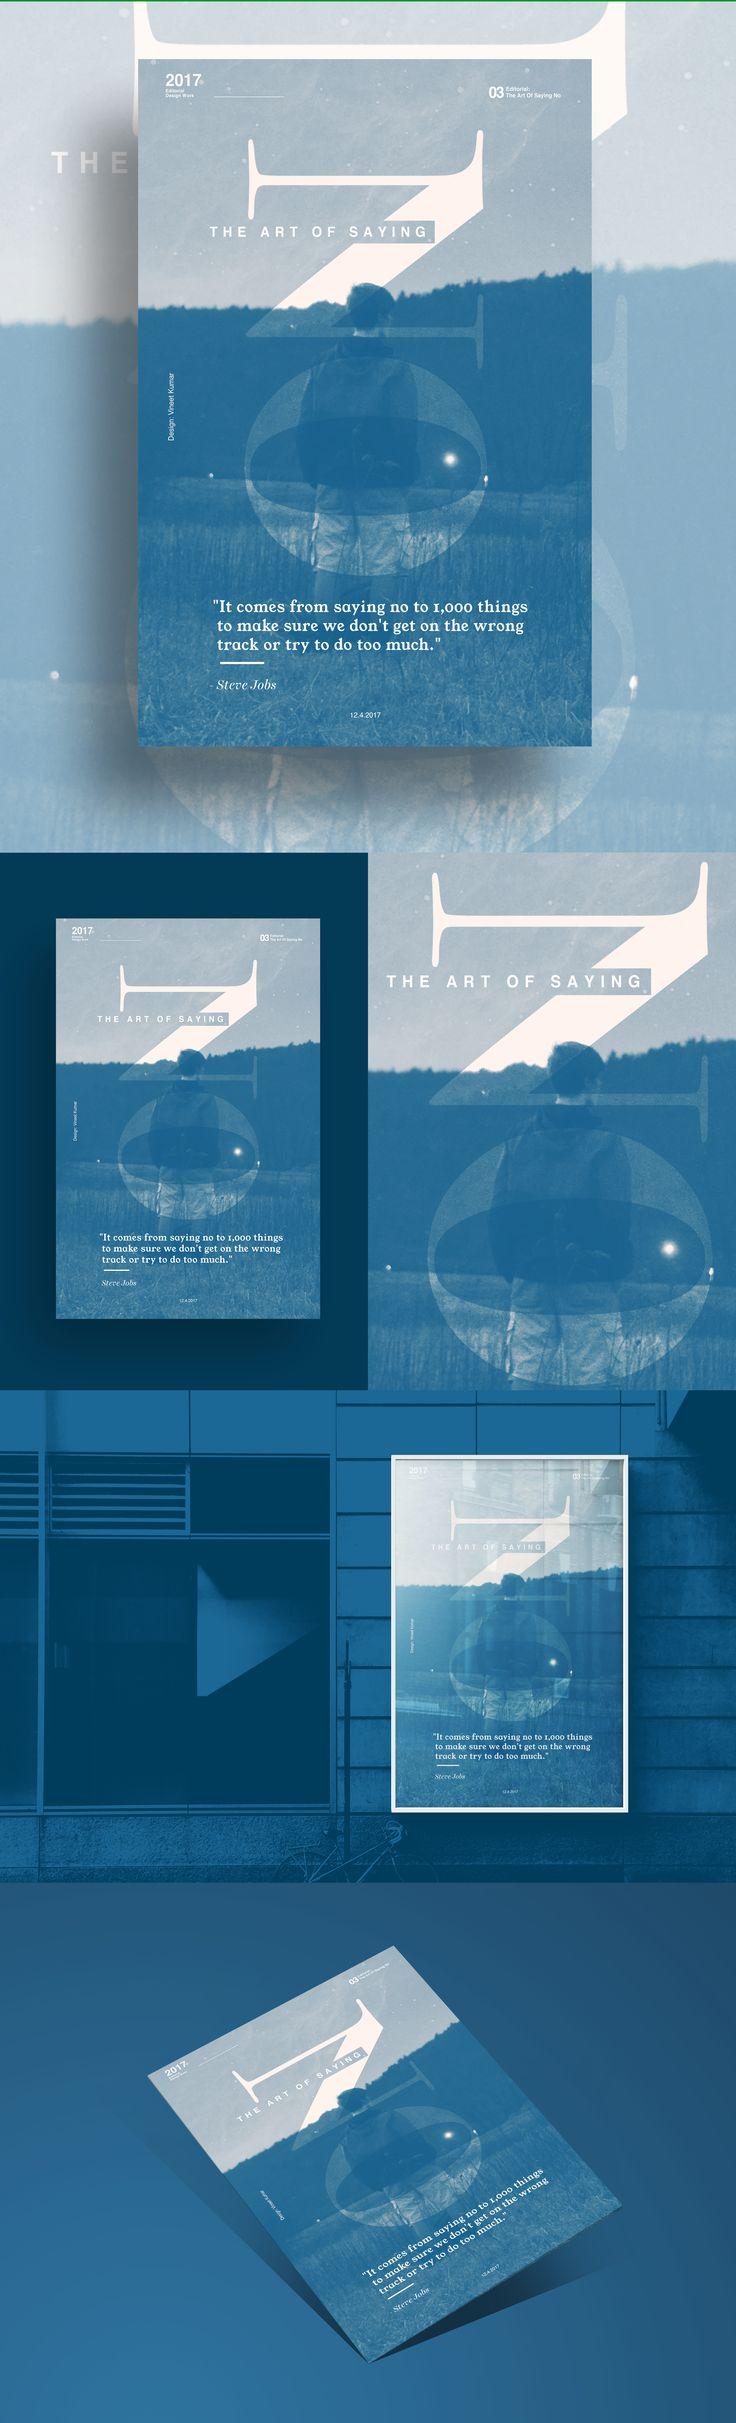 Editorial Design Work 2017 on Behance